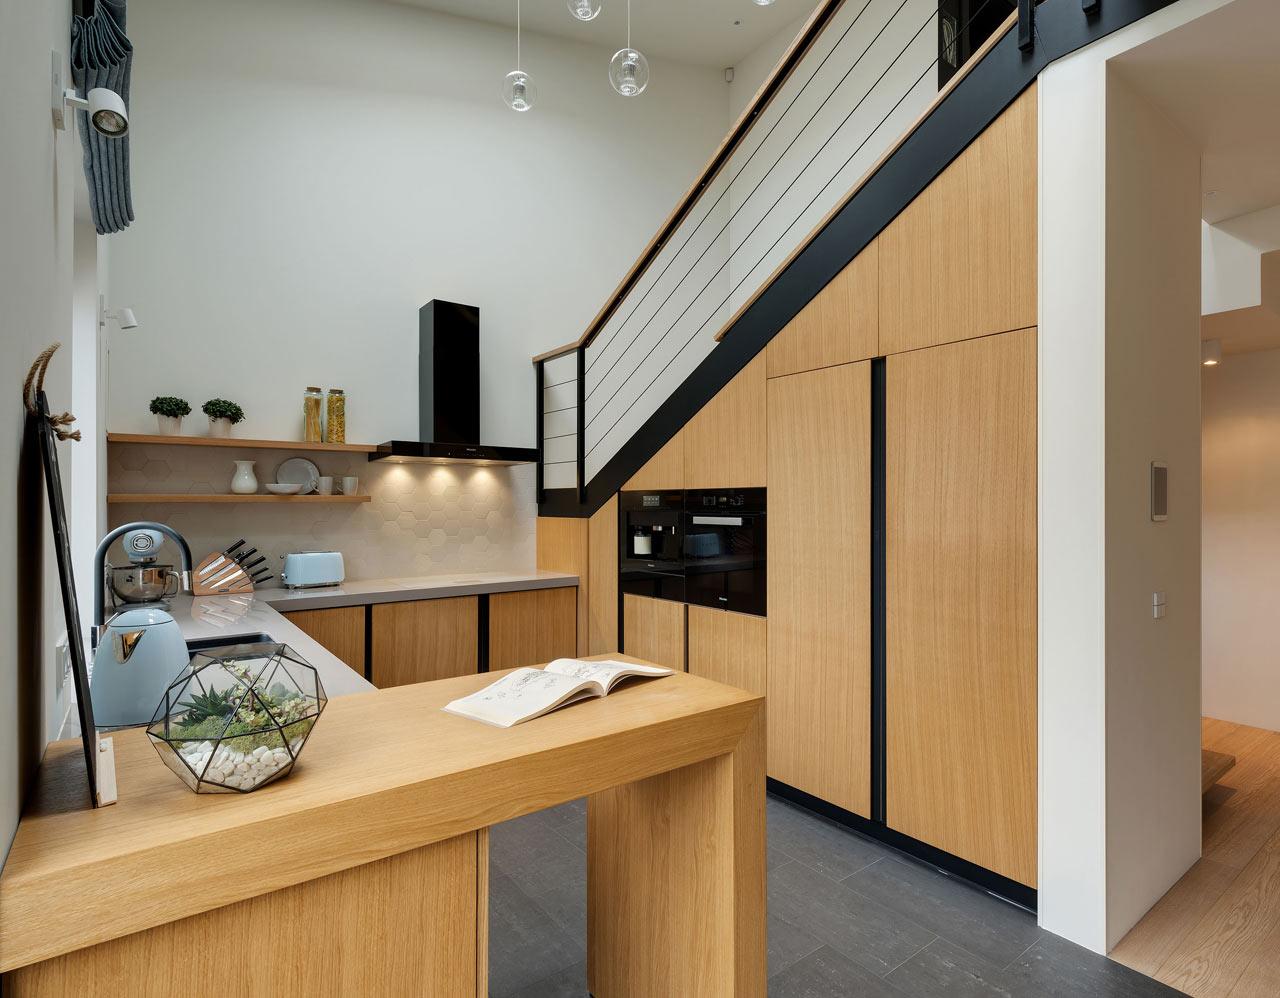 原木复式楼厨房楼梯效果图